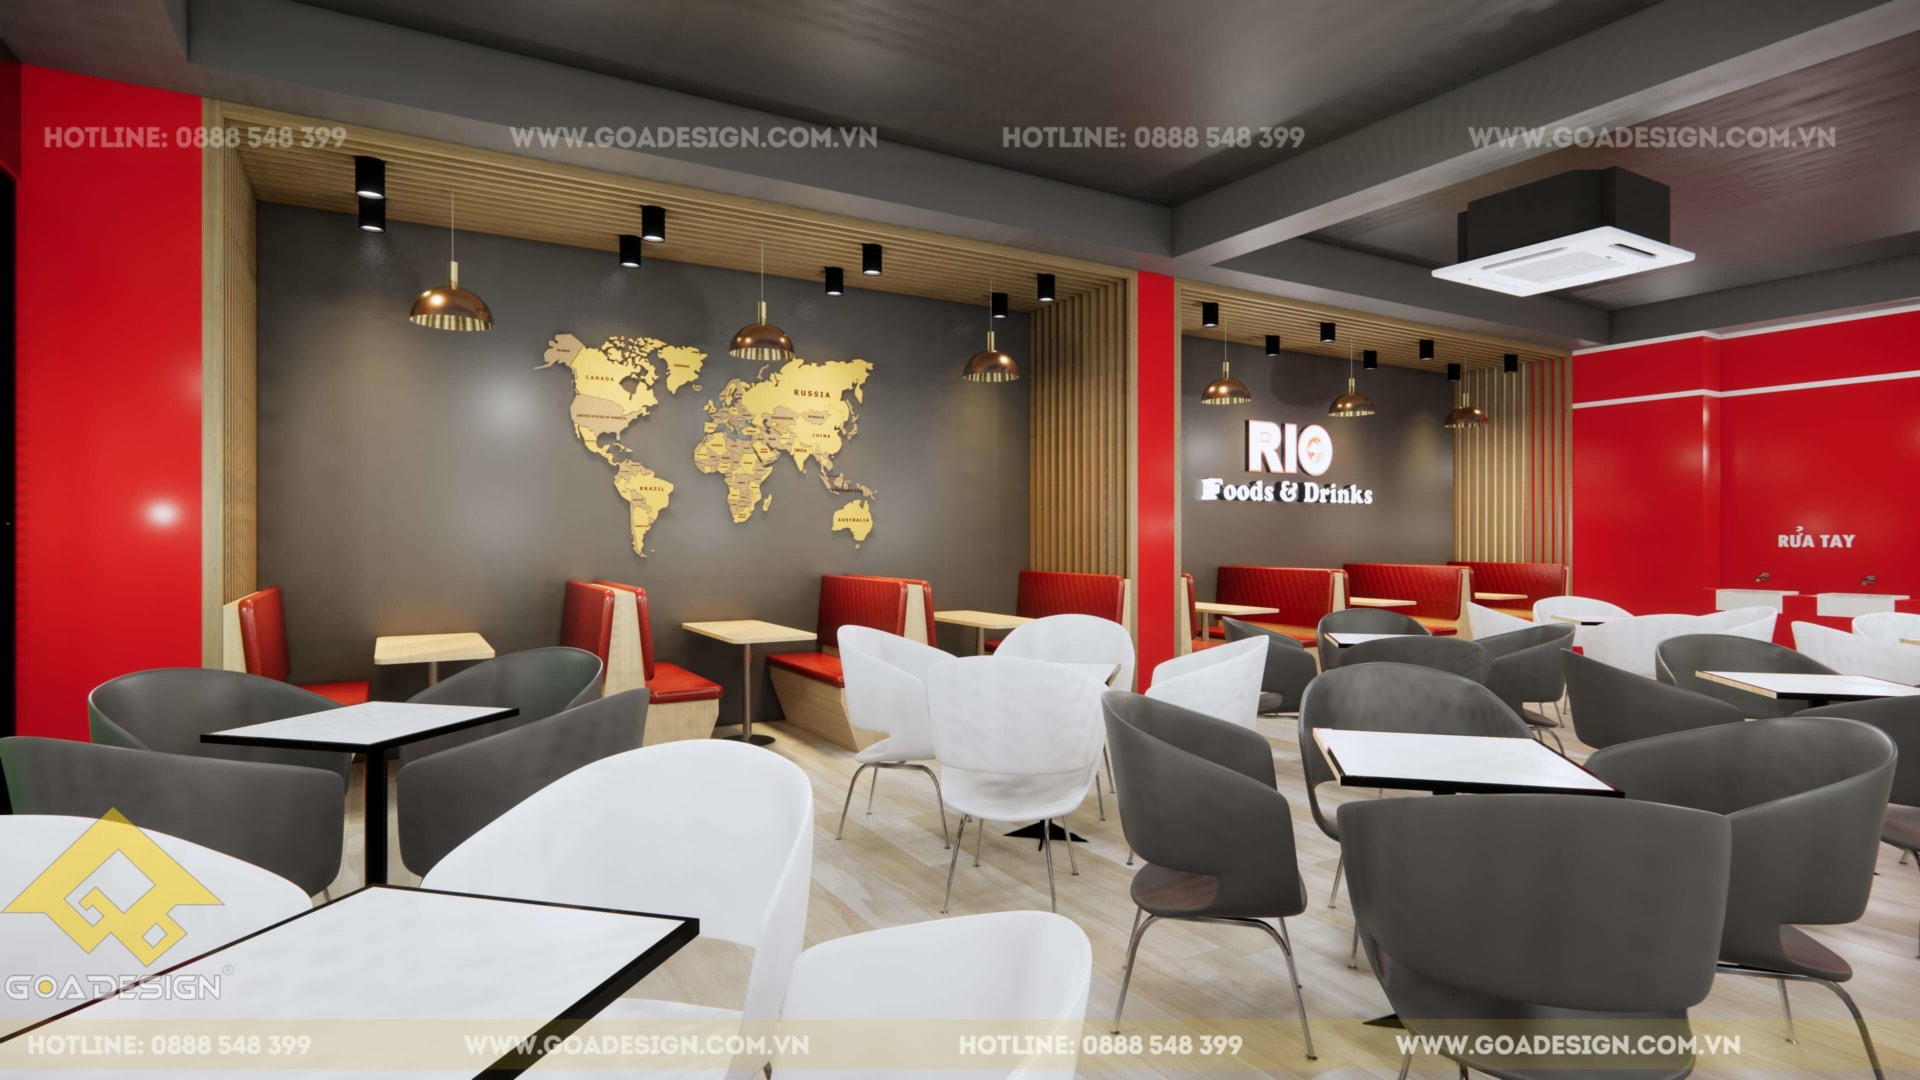 GOADESIGN Tư vấn thiết kế thi công Food & Drink Rio (12)